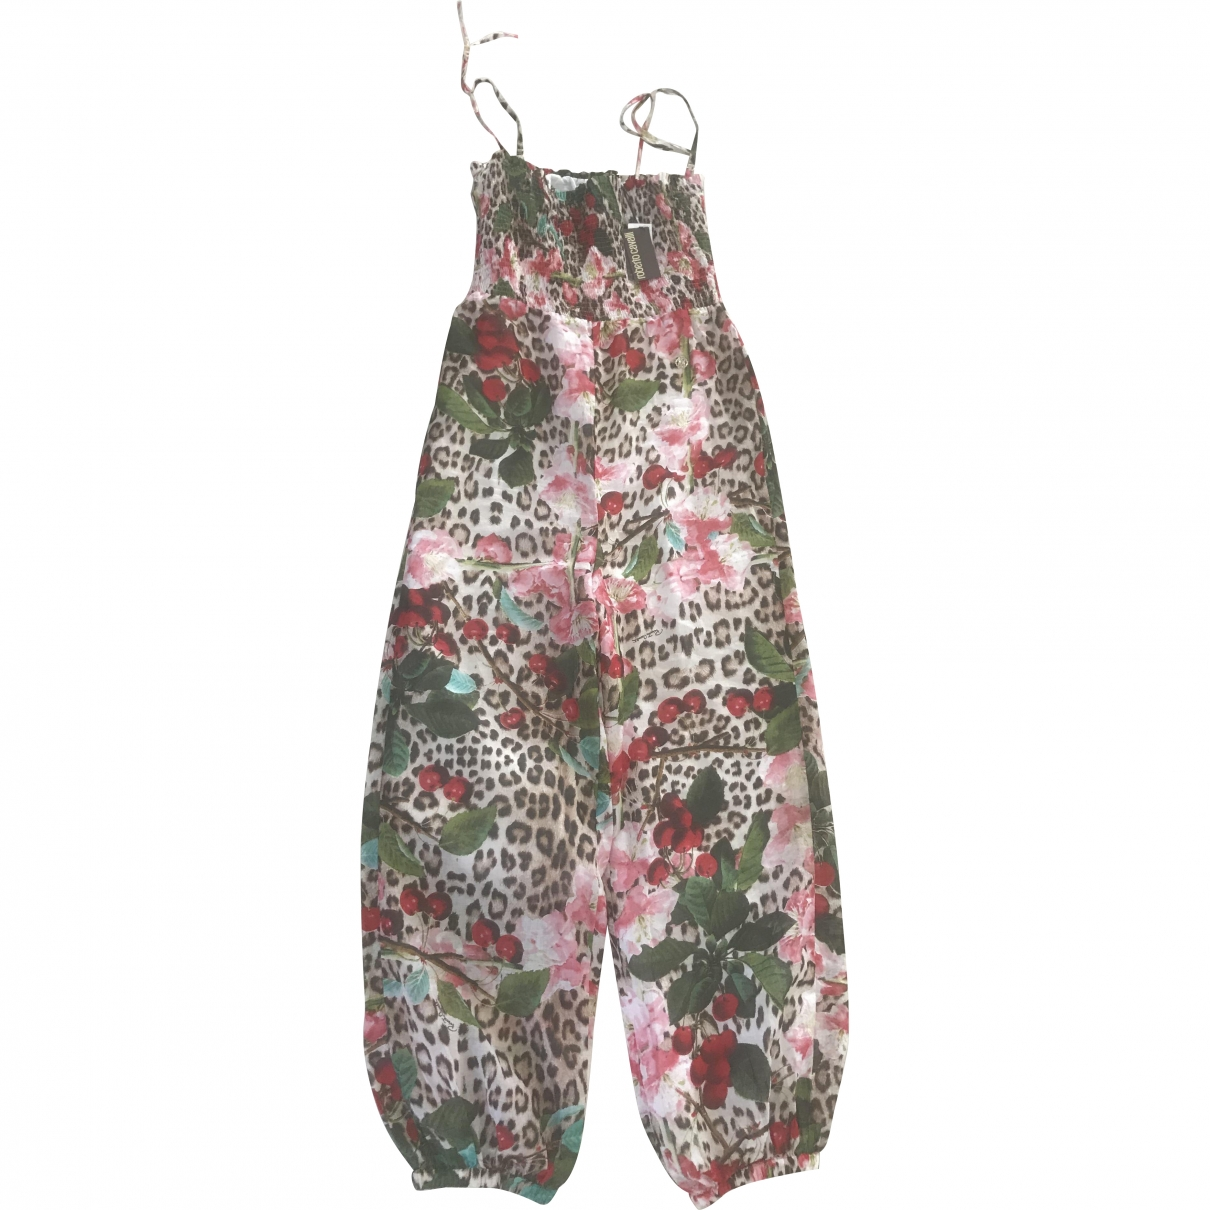 Roberto Cavalli - Combinaison   pour femme en coton - multicolore